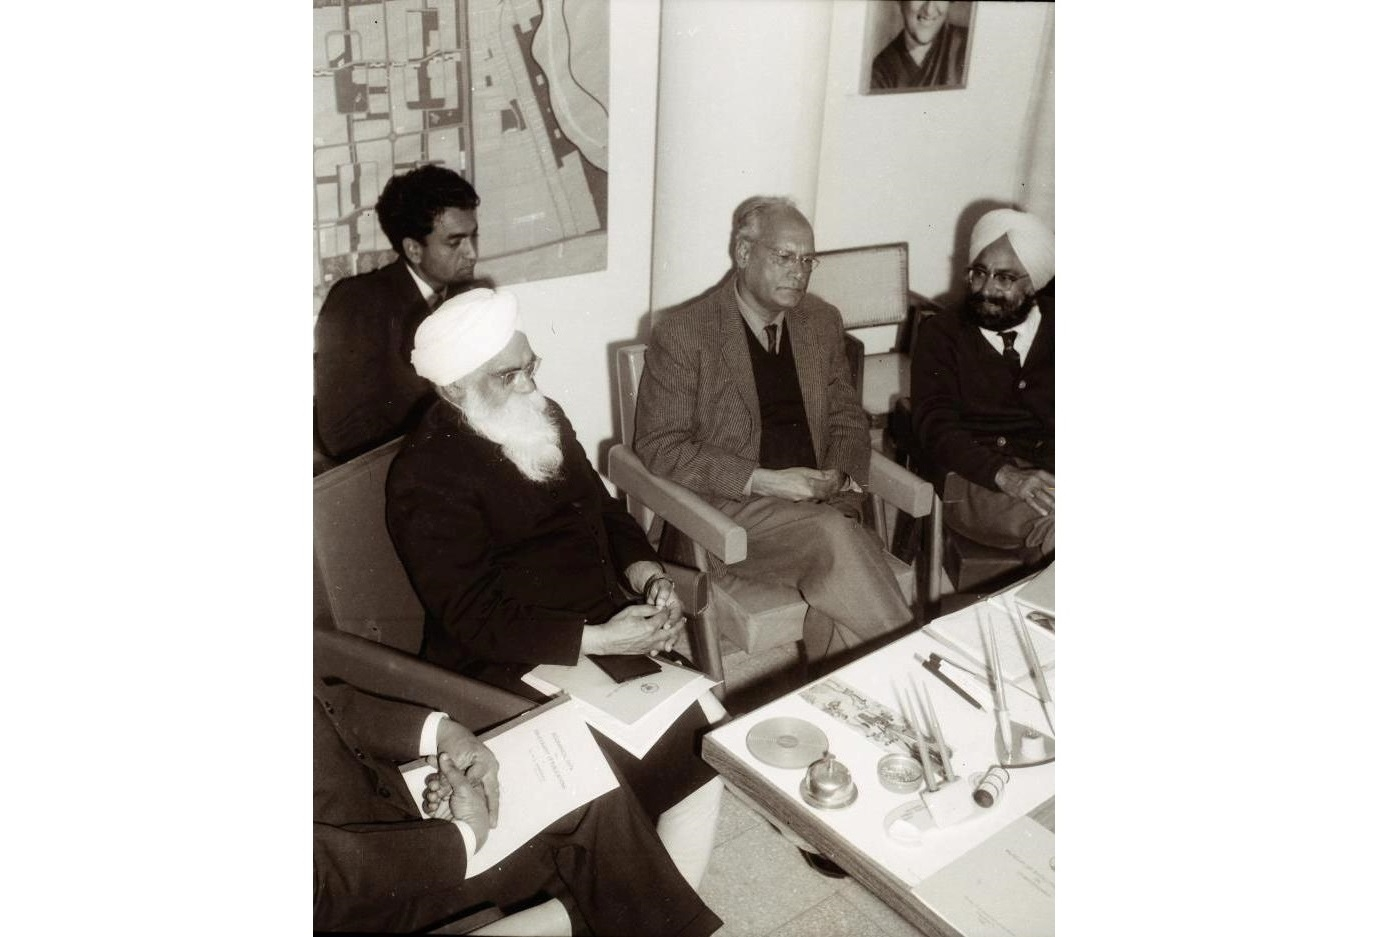 A rare photo of Shaiv Kumar Batalvi, Gurbaksh Singh, MS Randhawa and Khushwant Singh